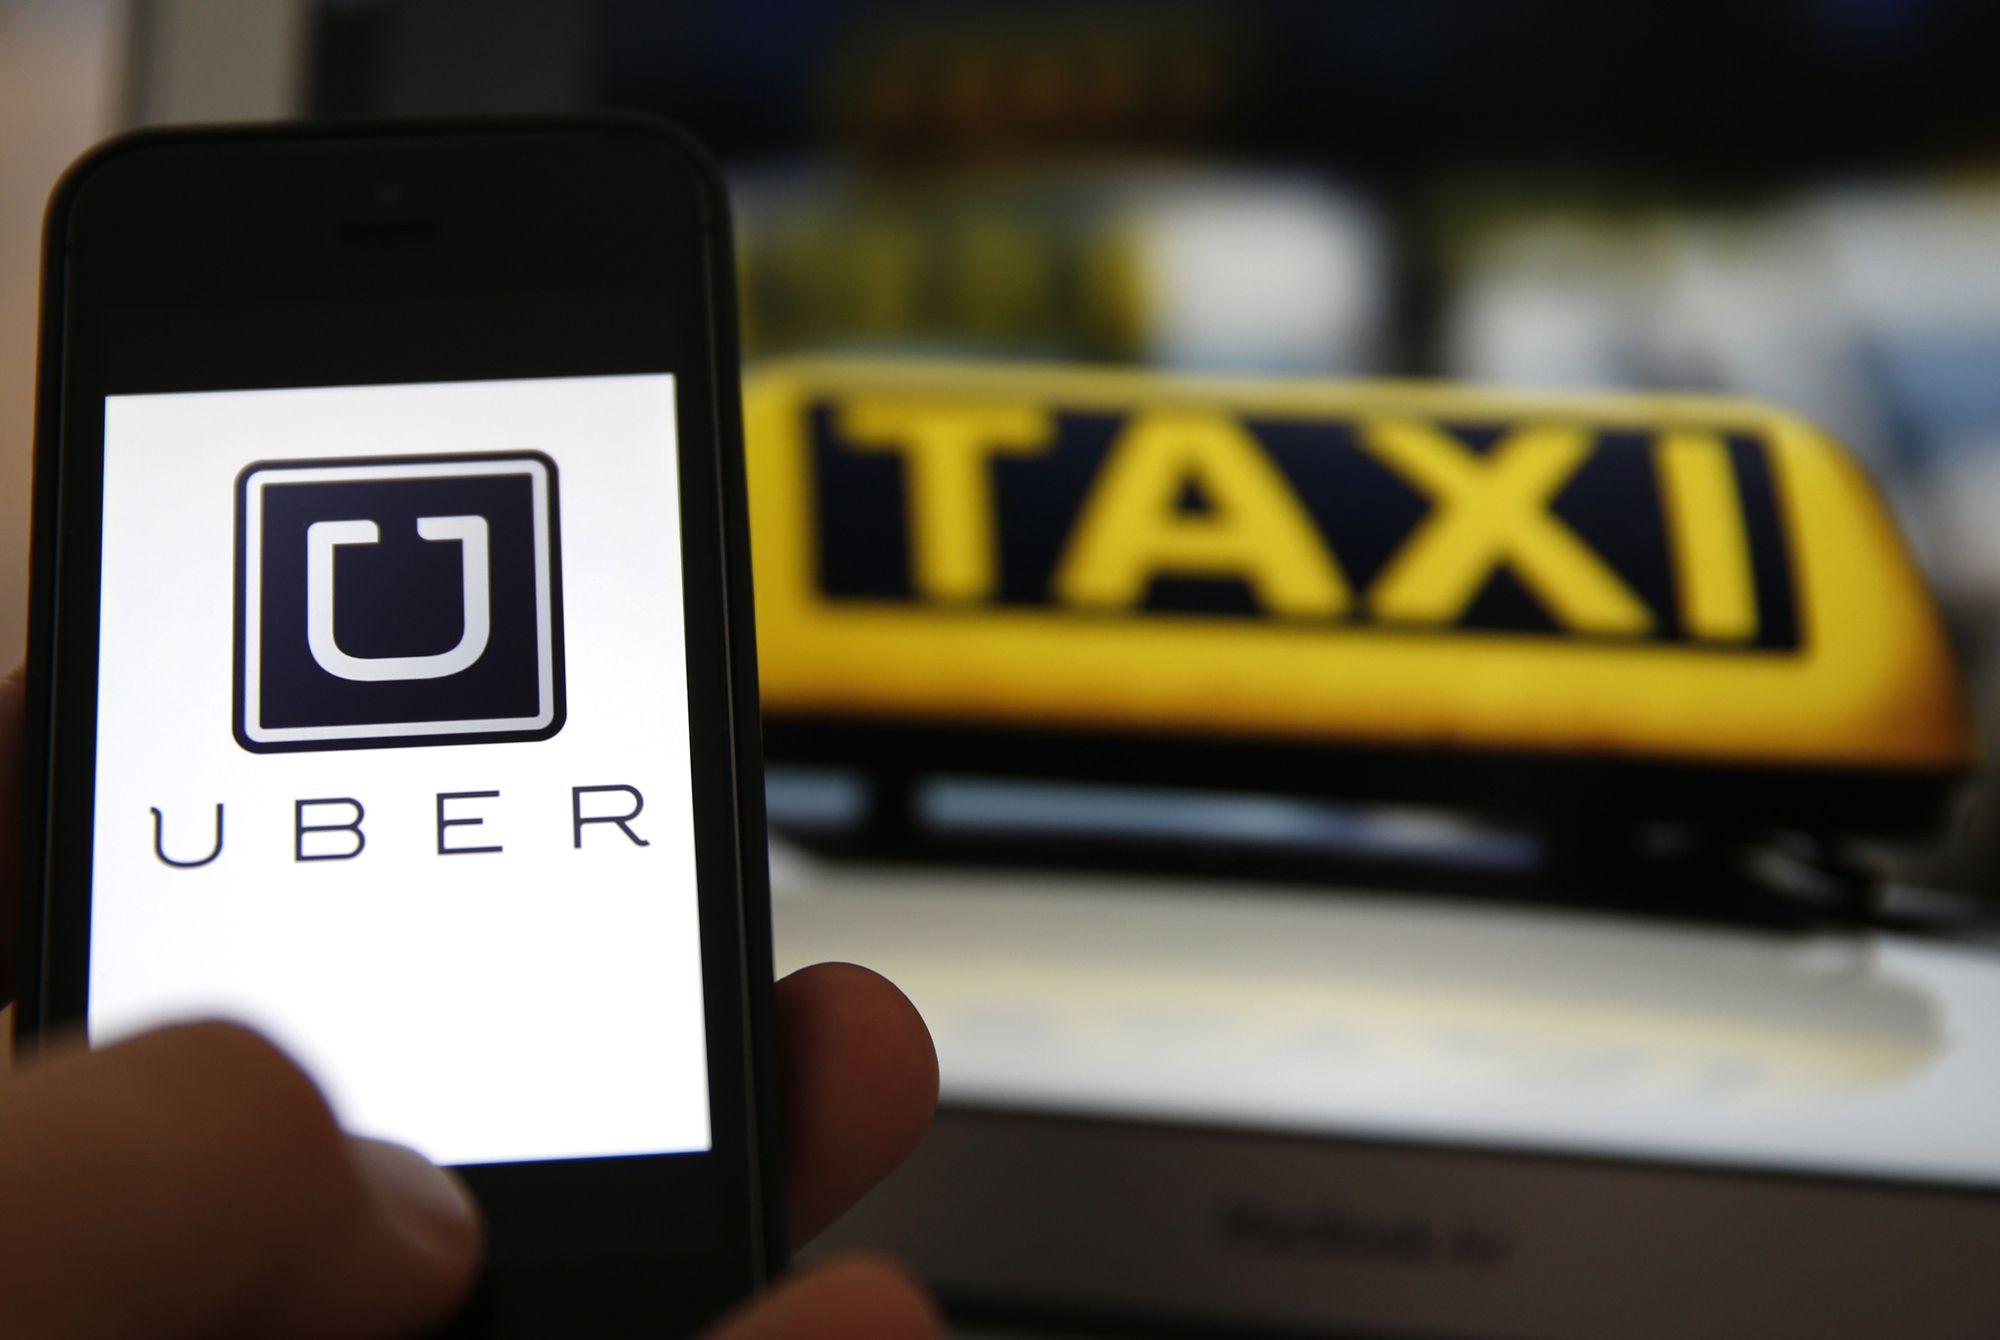 Taxistas estavam protestando contra o aplicativo / Reprodução/Internet